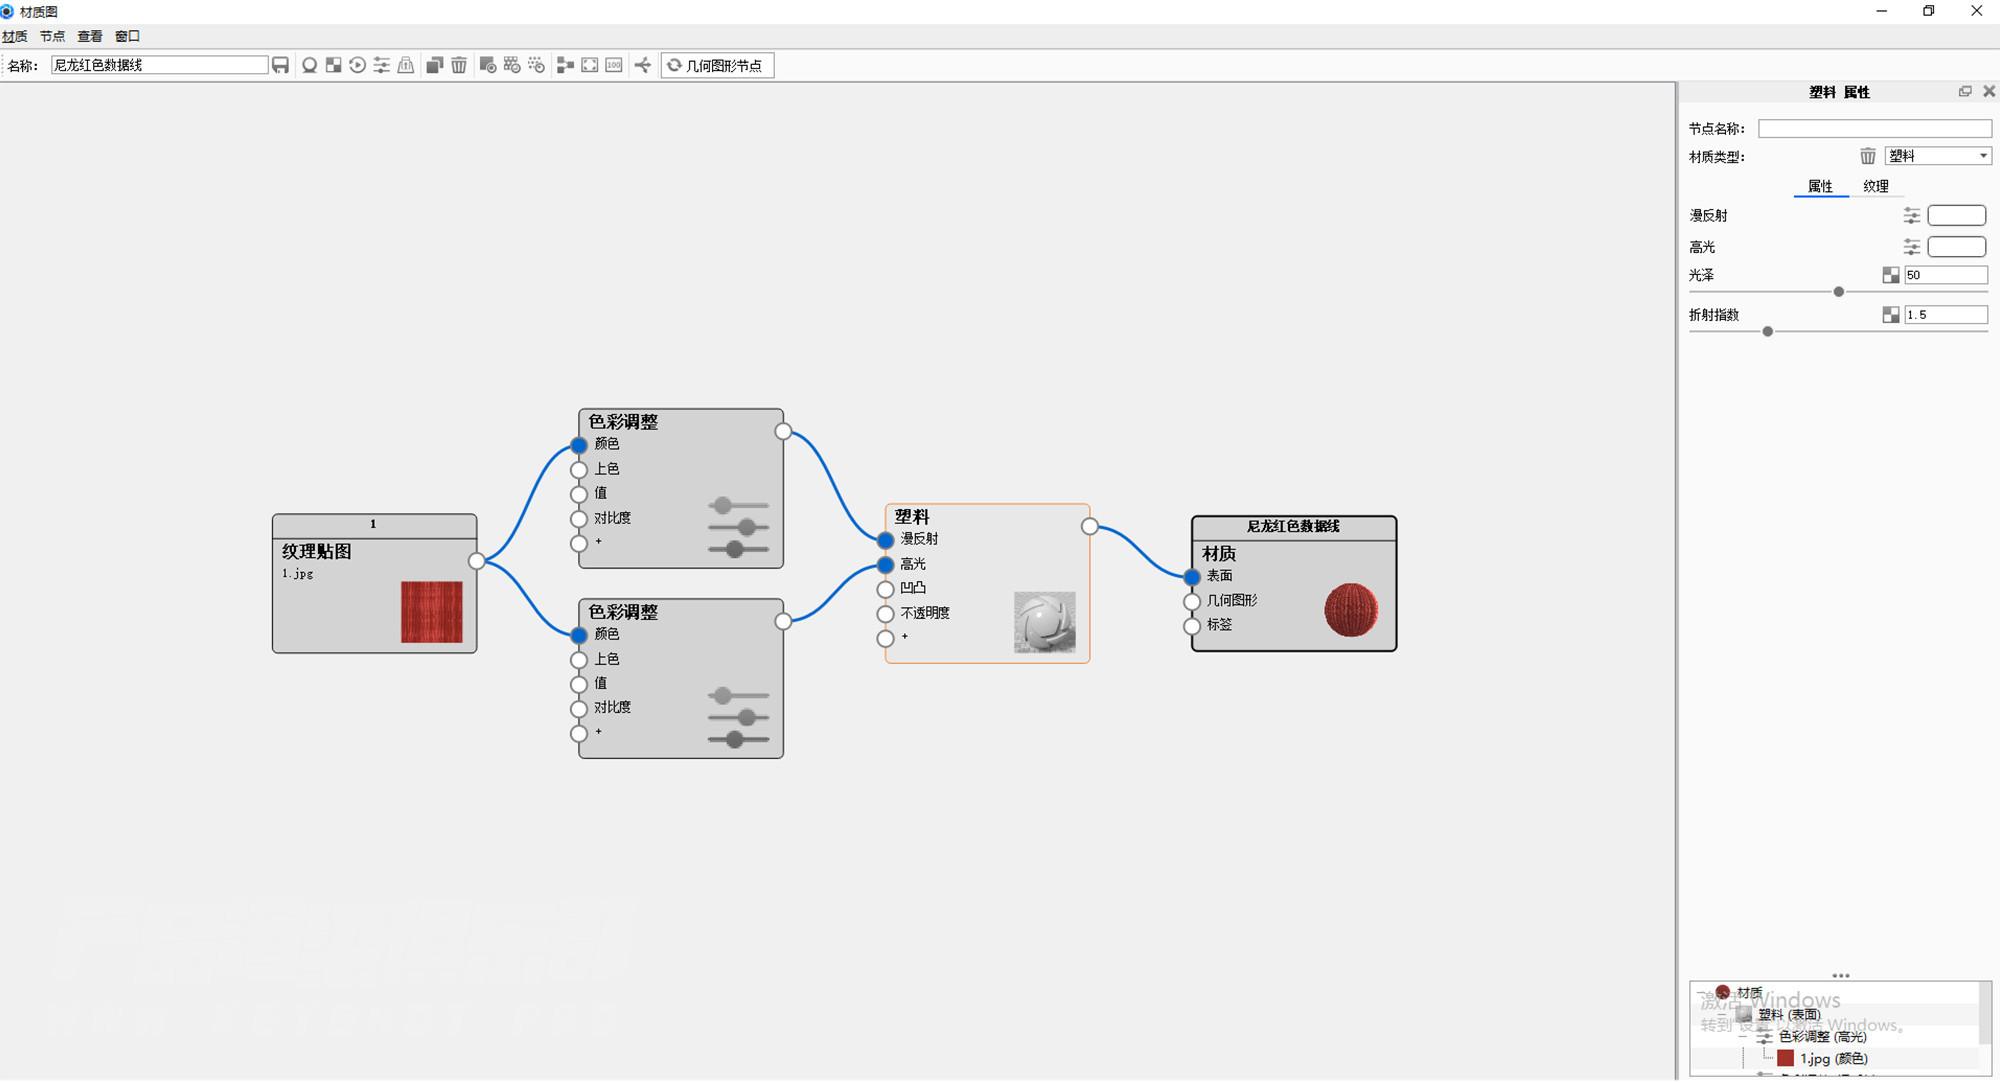 聊一聊电商渲染关于数据线贴图在KS中使用的技巧